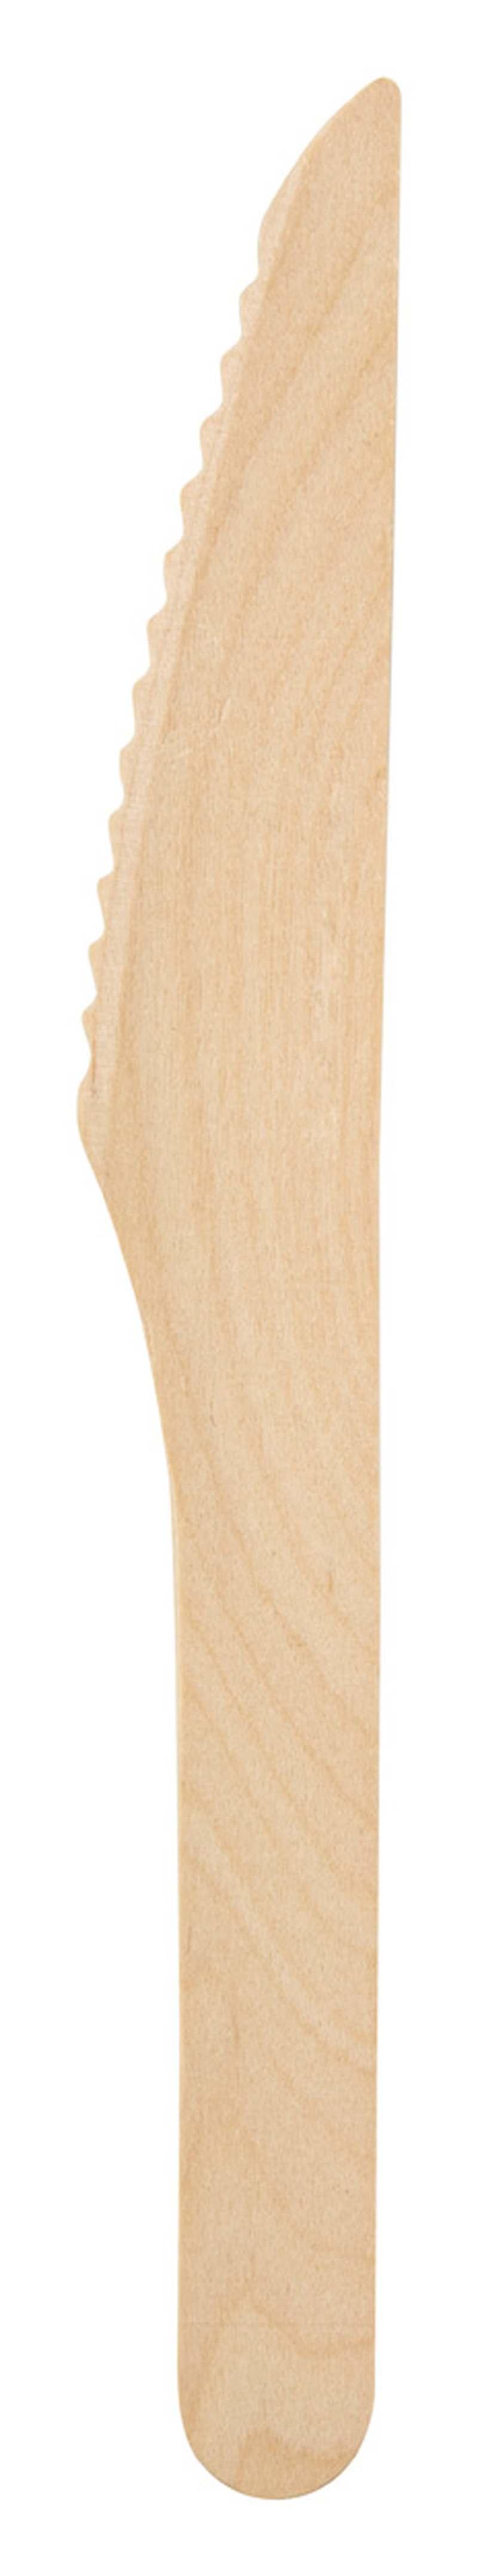 Dřevěný příbor Woolly